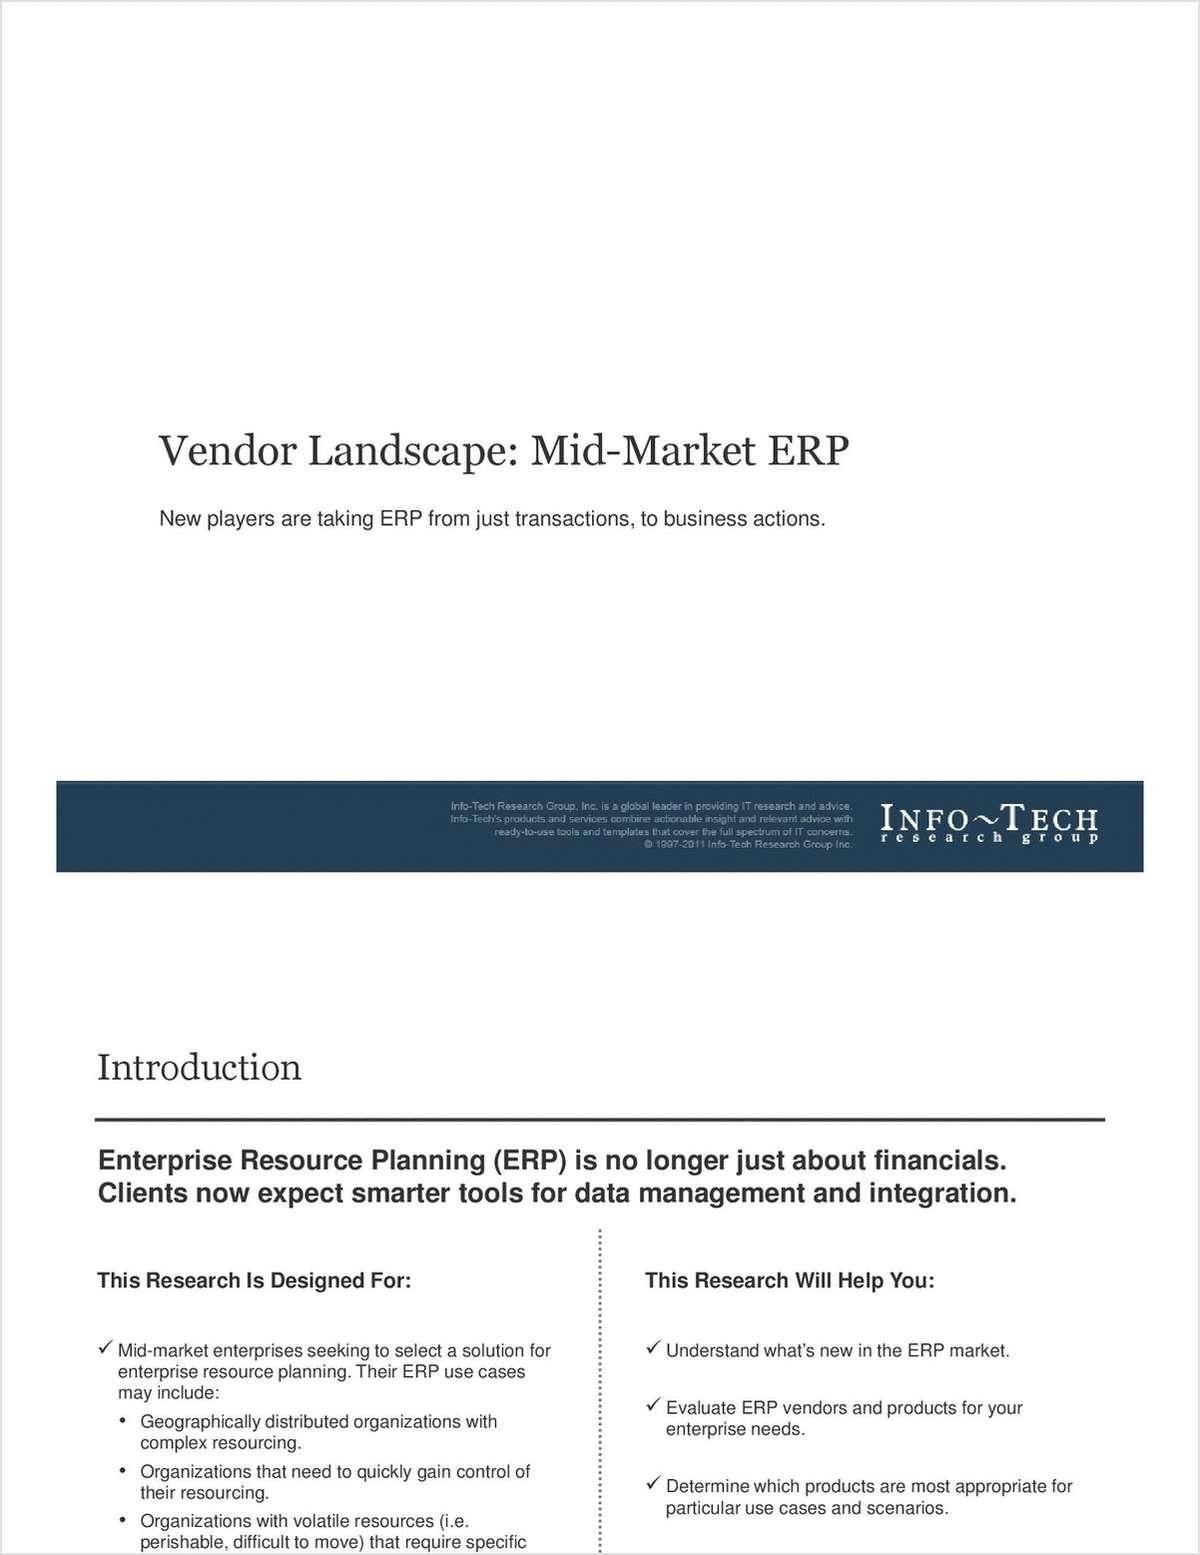 Info-Tech Report: Vendor Landscape for Mid-Market ERP